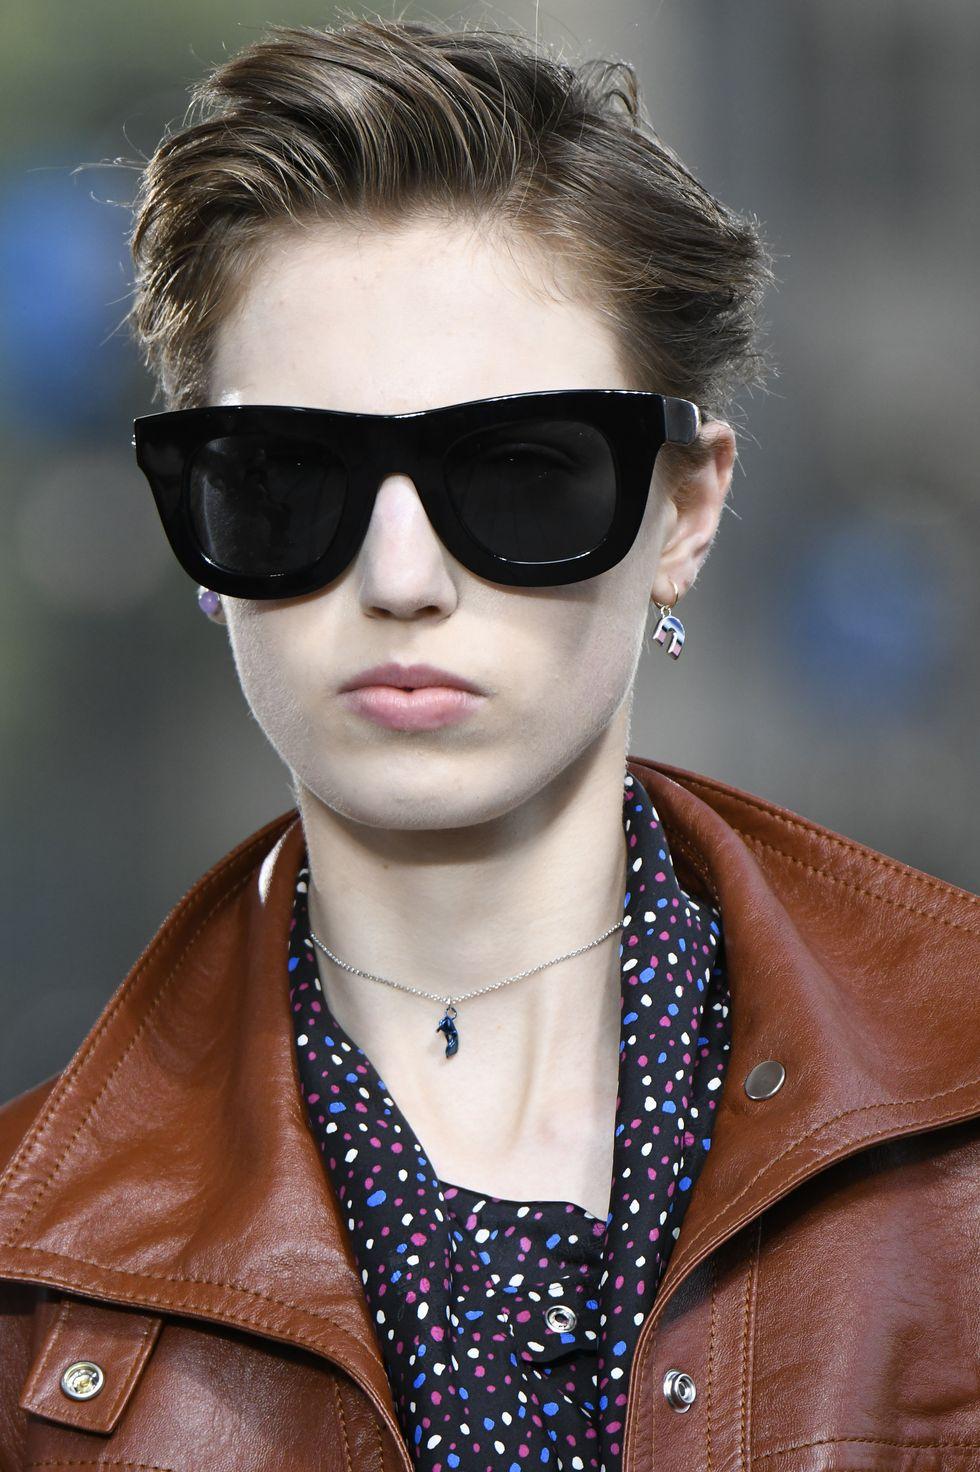 Γυναικεία γυαλιά ηλίου ρέτρο τετράγωνα επανέρχονται